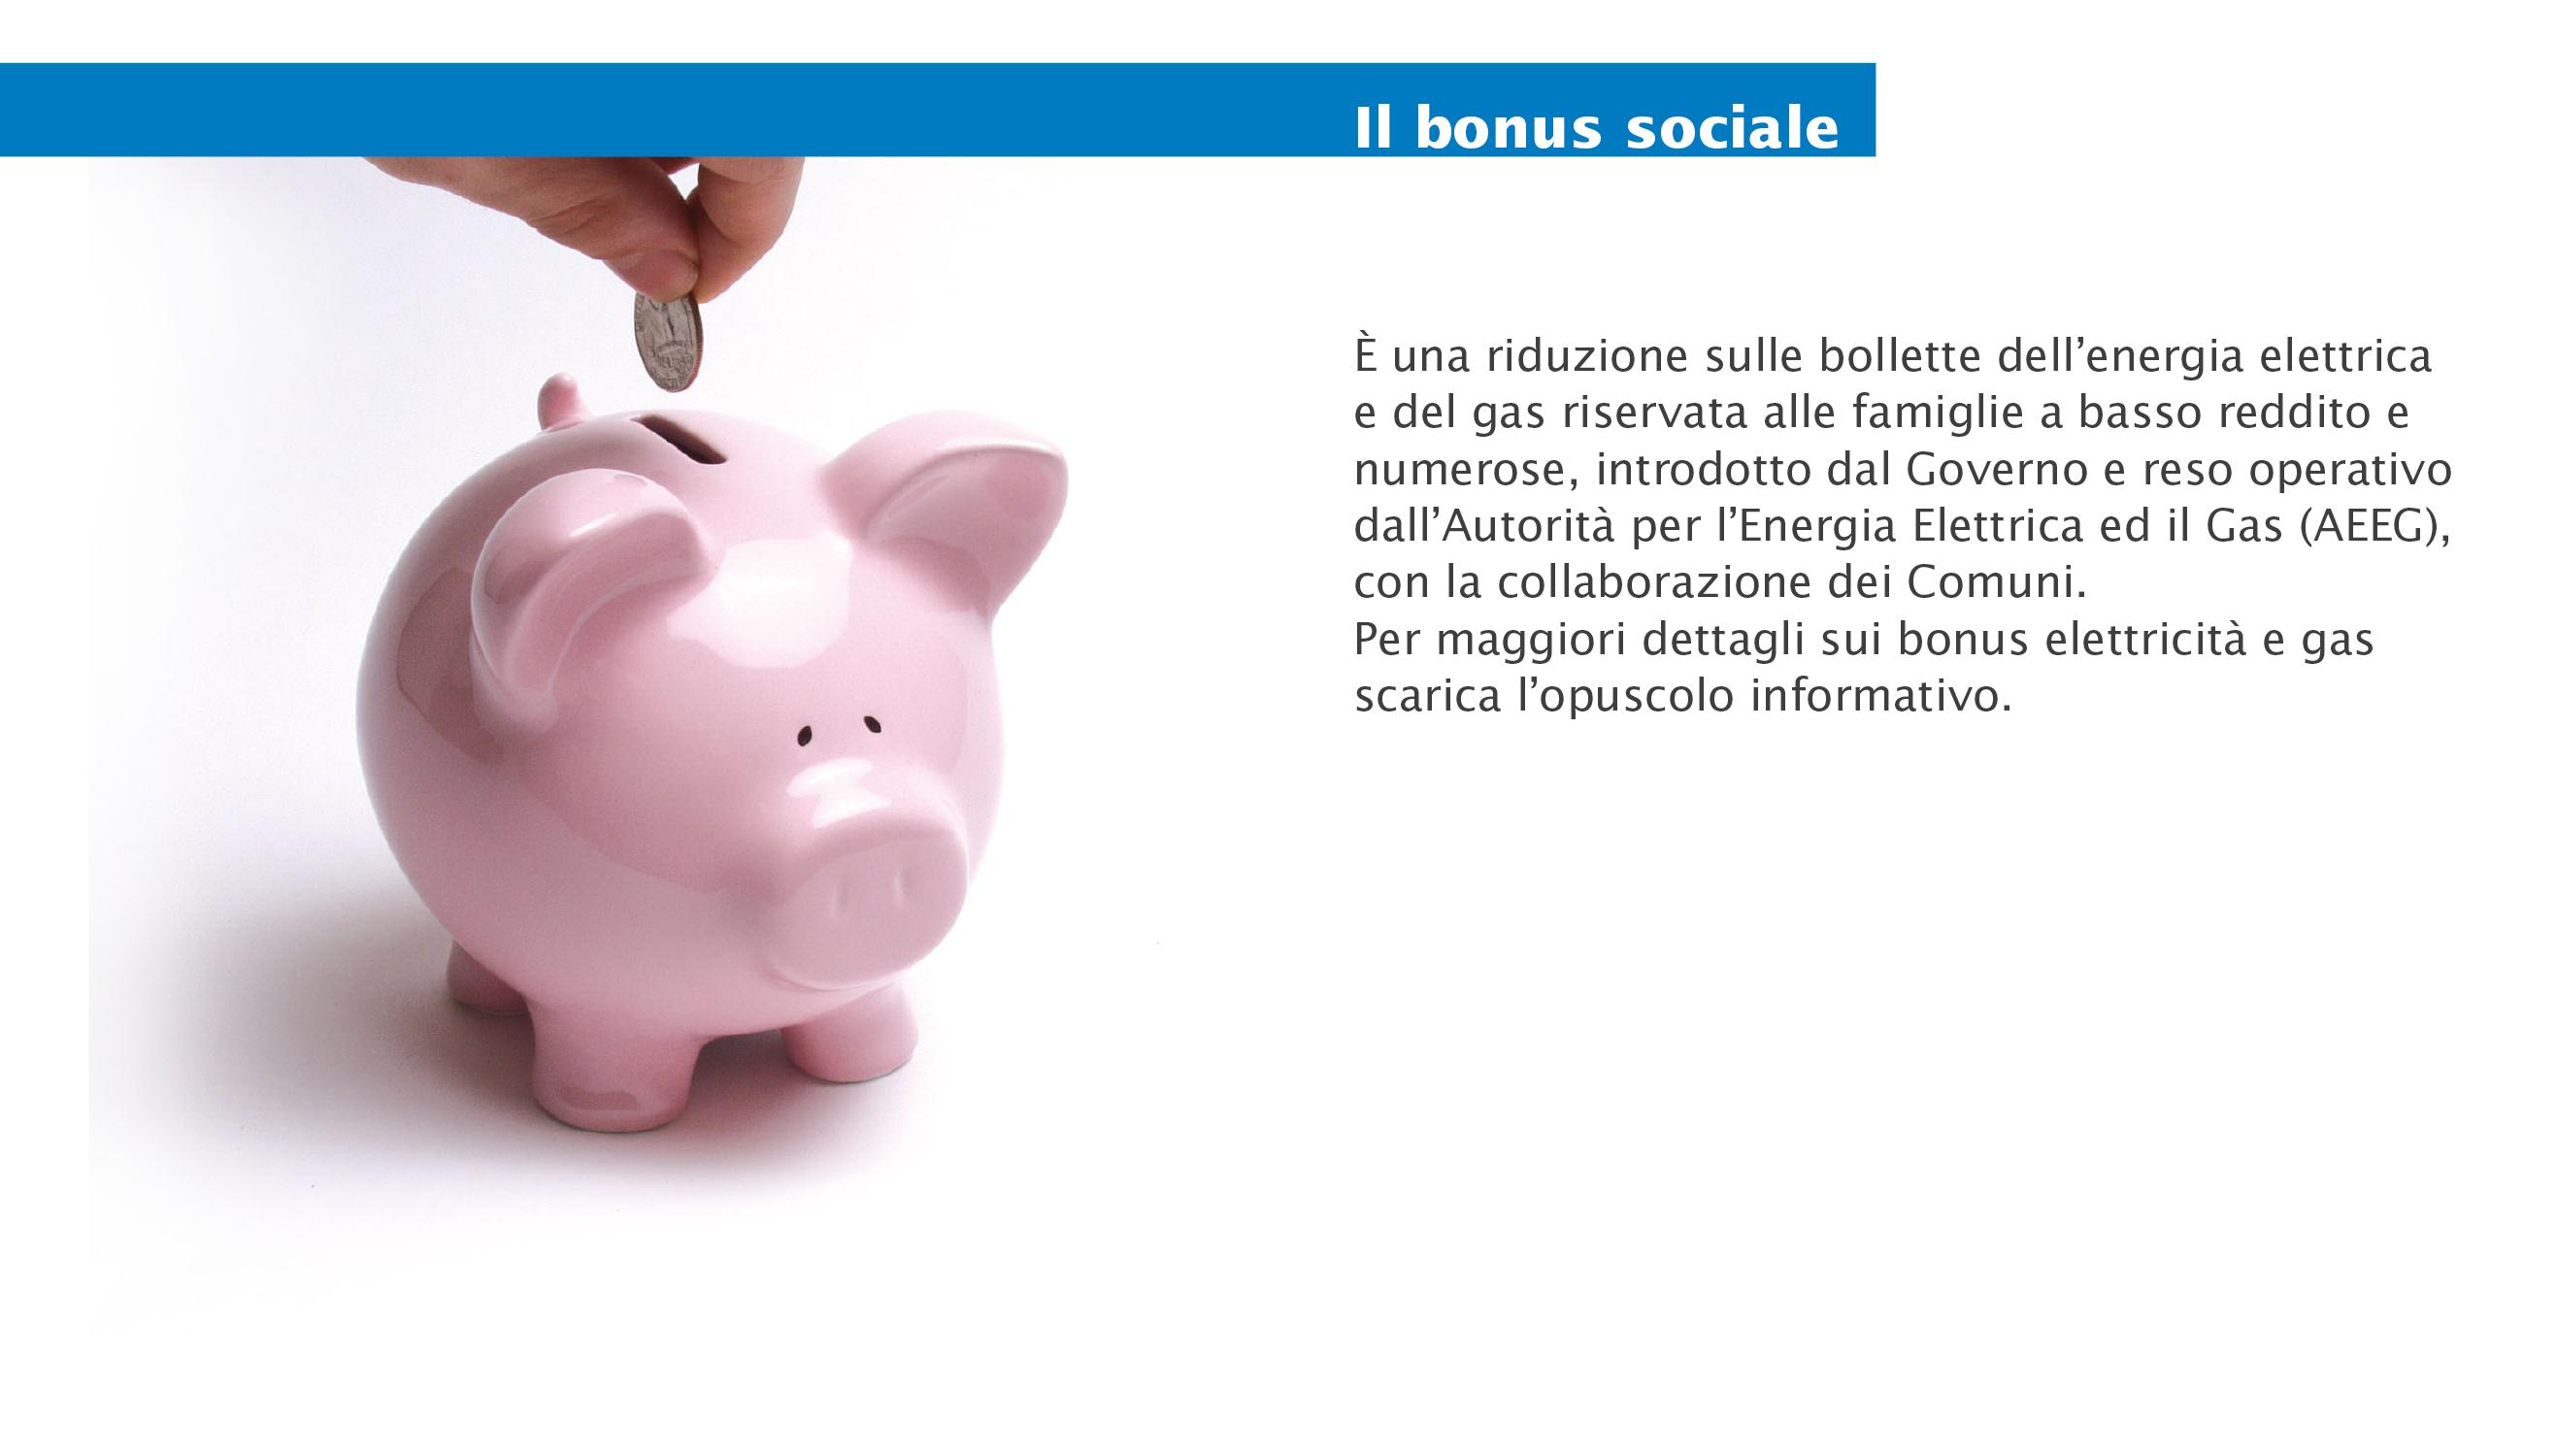 bonus sociale